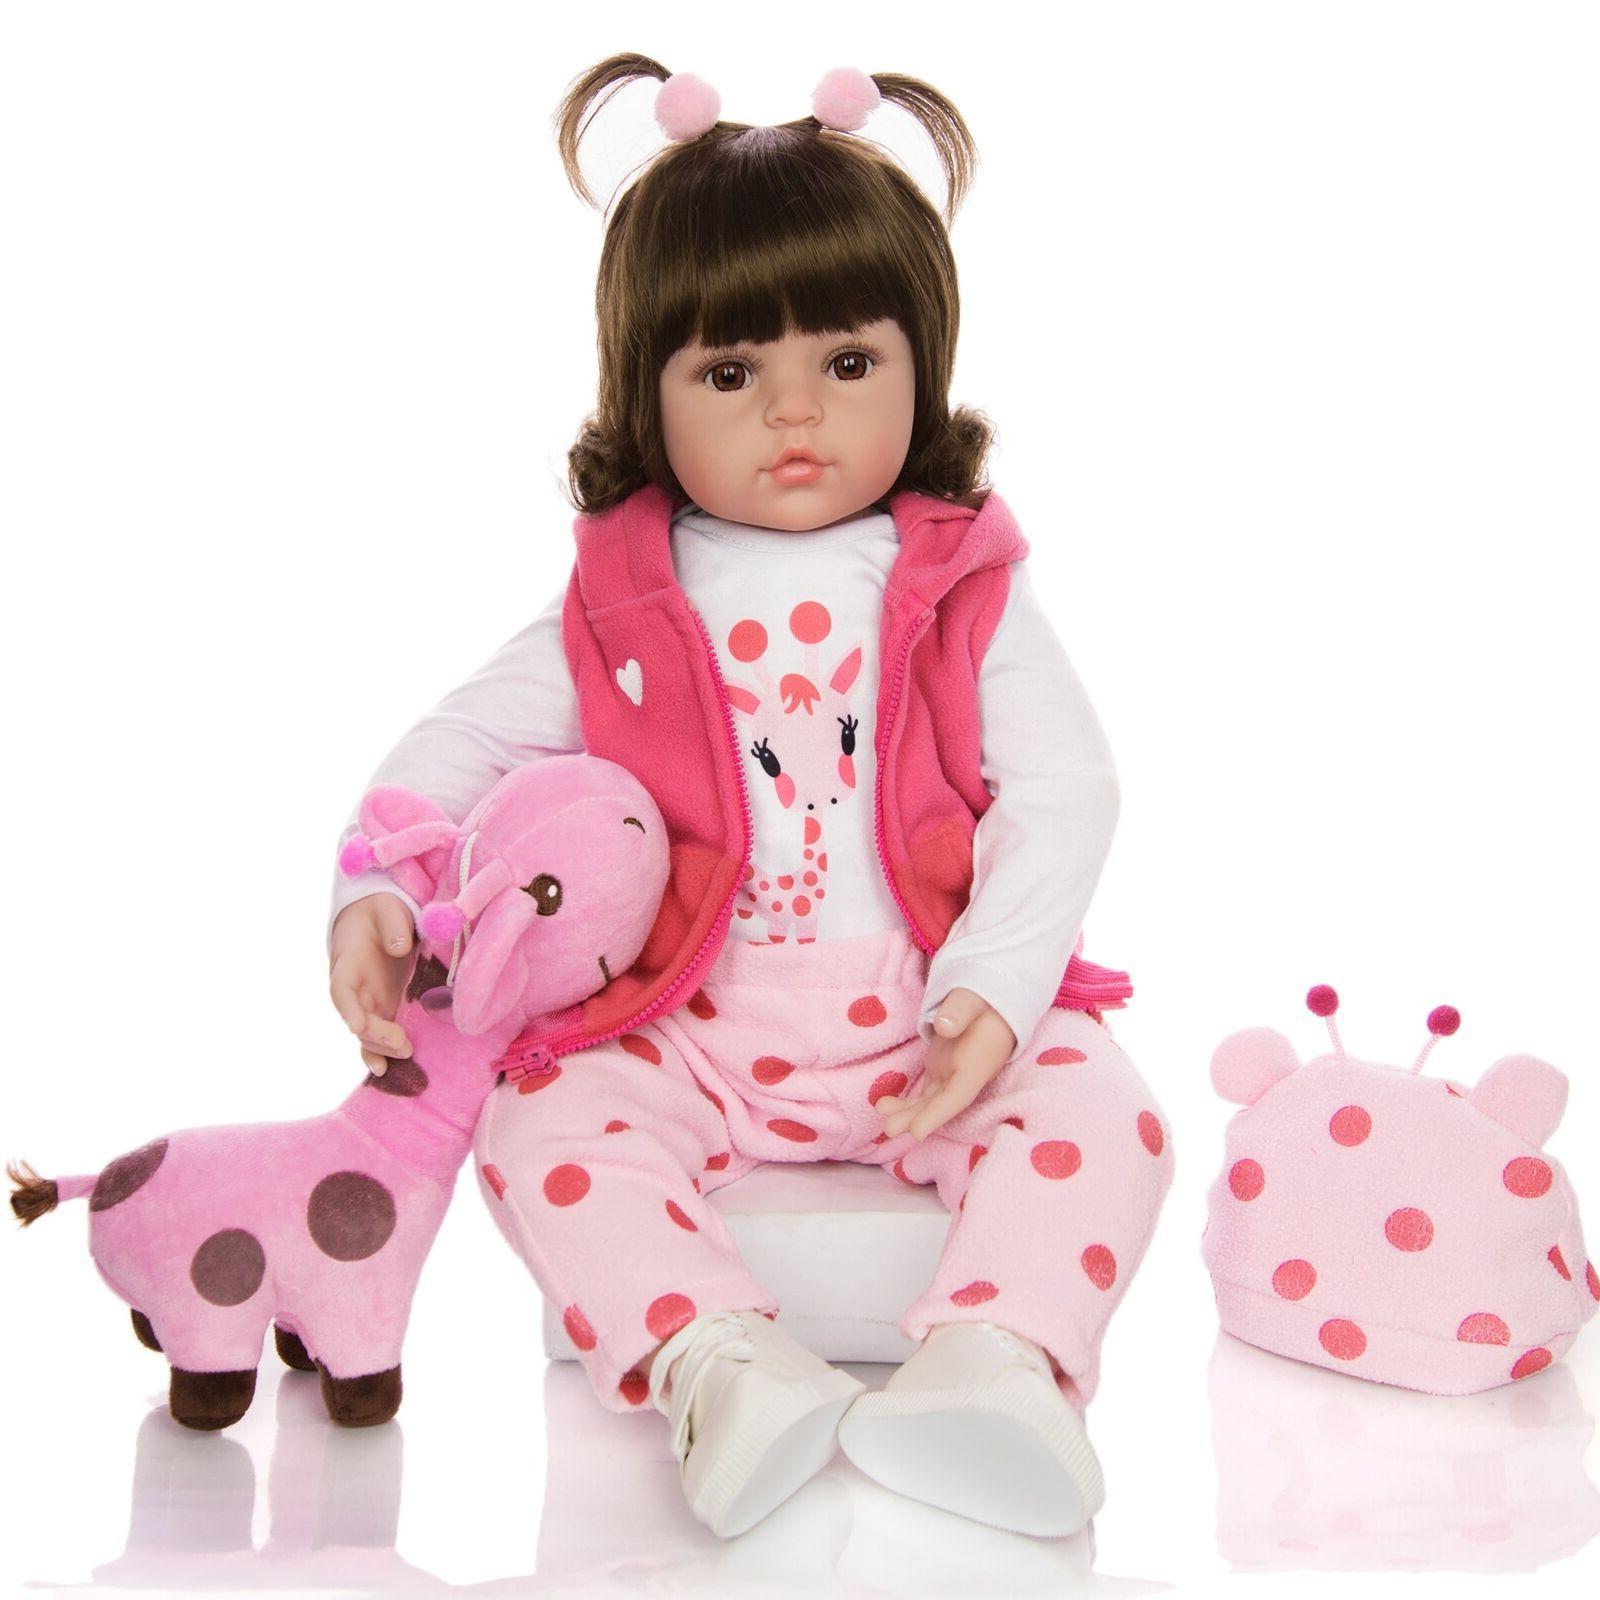 Reborn Baby Doll Cloth Body Stuffed Baby Doll With Giraffe